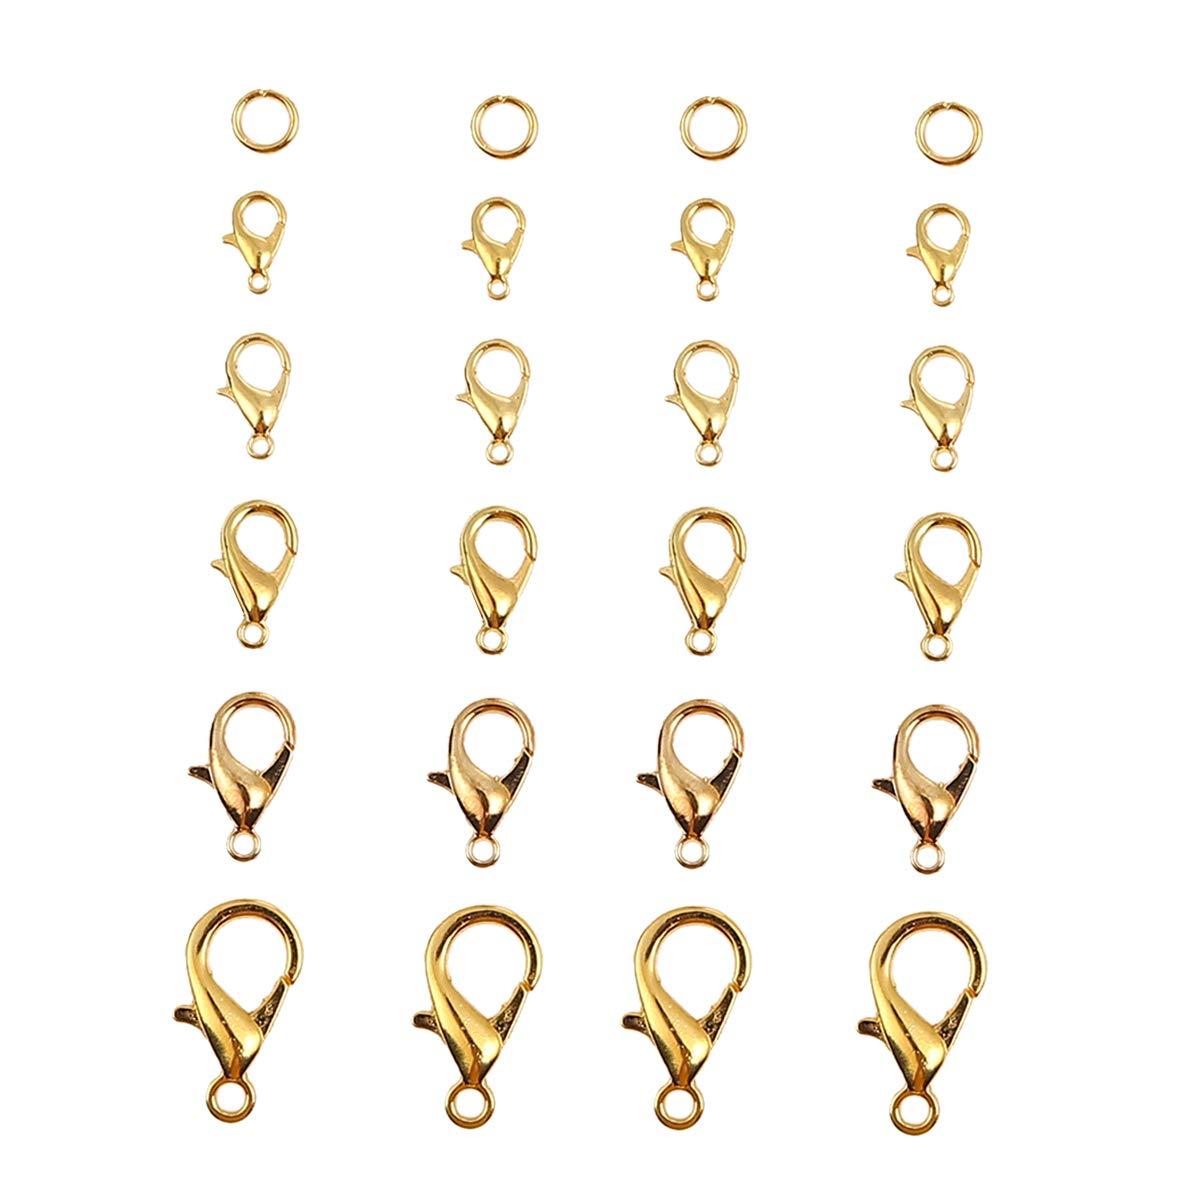 Obling Anneau Ouvert de Jonction Fermoirs /à Pince de Homard sans Nickel avec Bo/îte pour Fabrication de Bijoux Argent/é